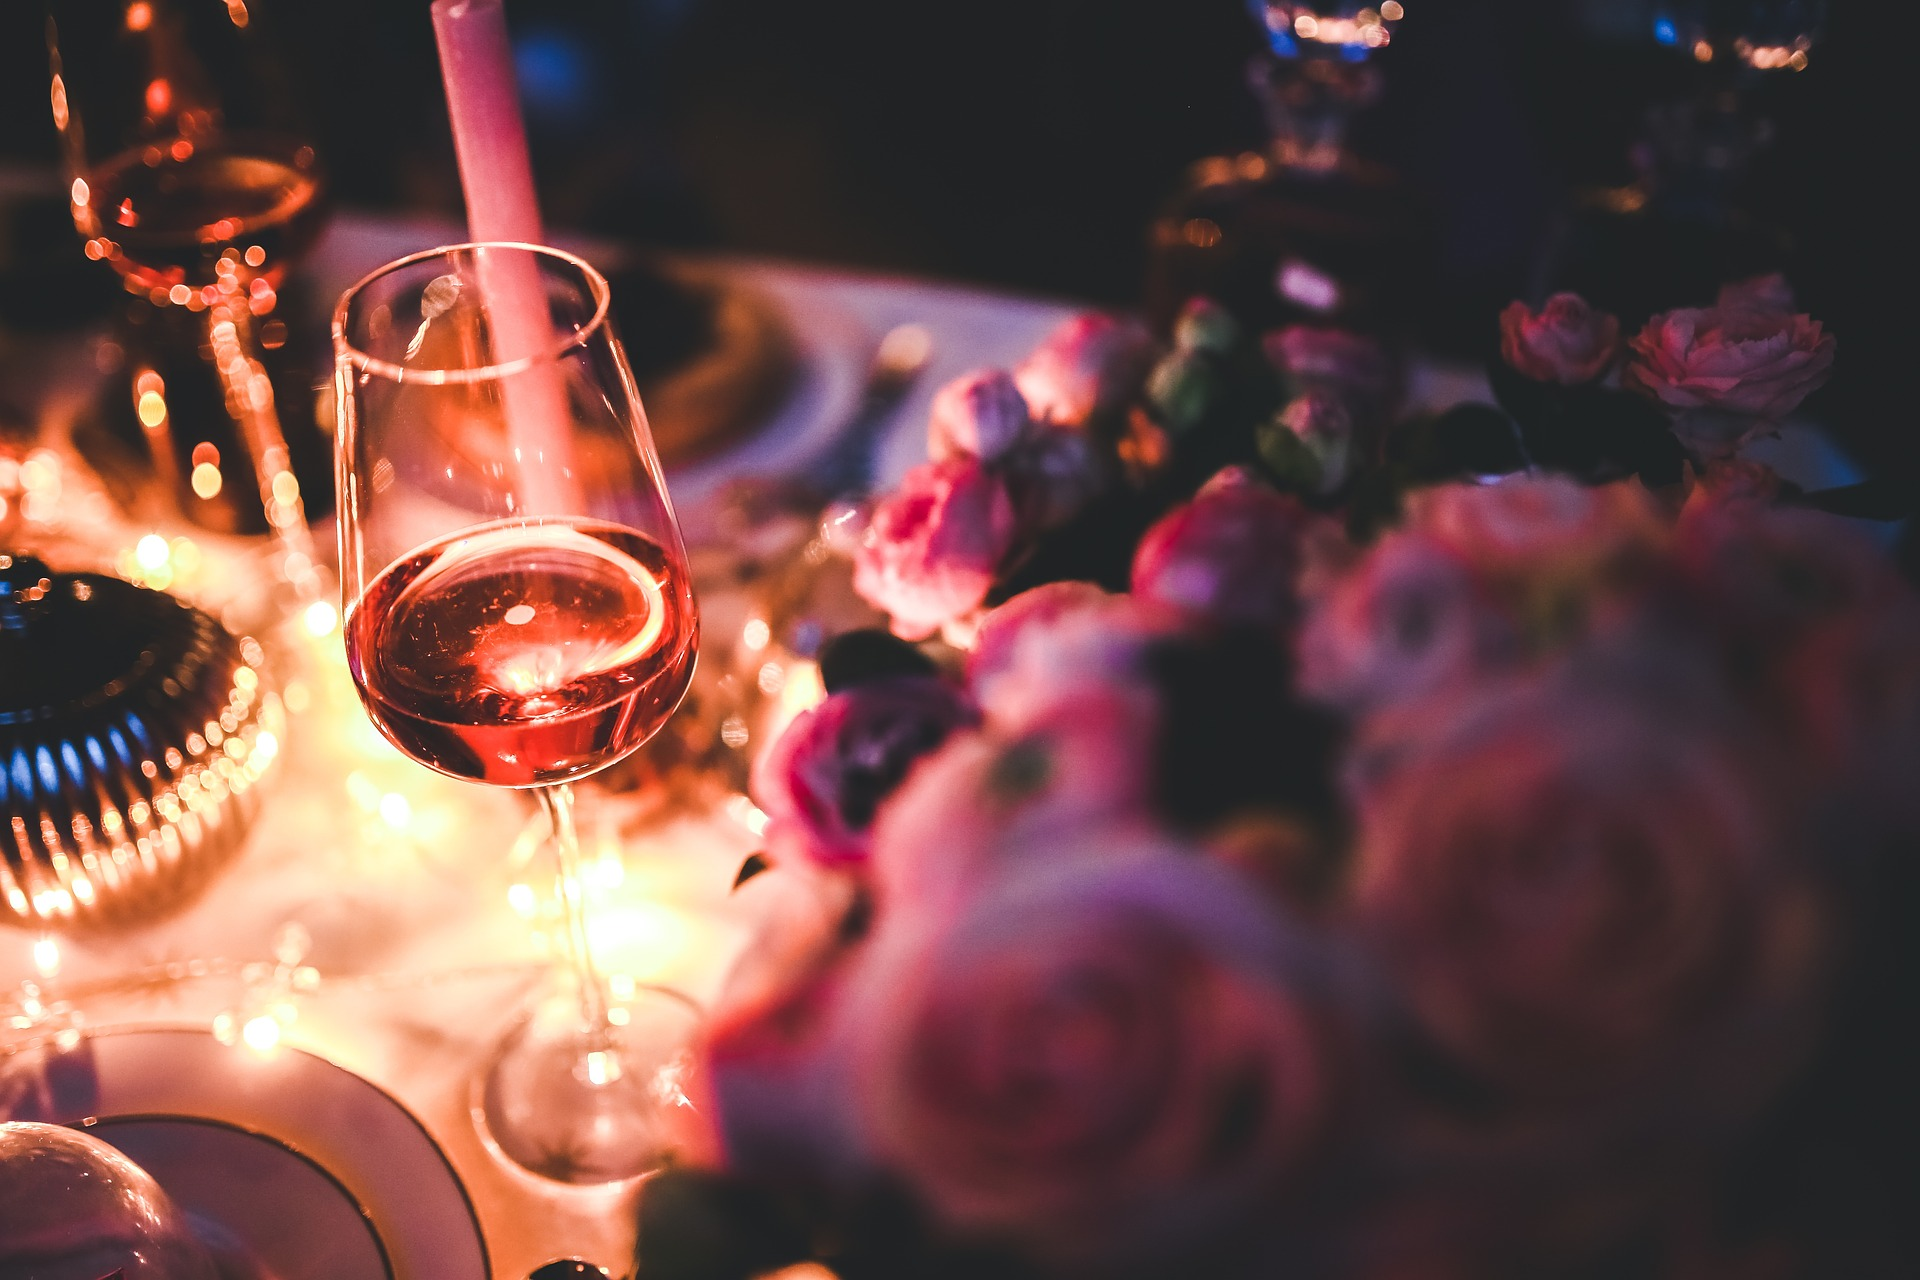 chiaretto di bardolino vino veneto vini veneto cosa fare in veneto food vino mangiare in veneto bere veneto cosa fare a bardolino cosa fare sul lago di garda lazise